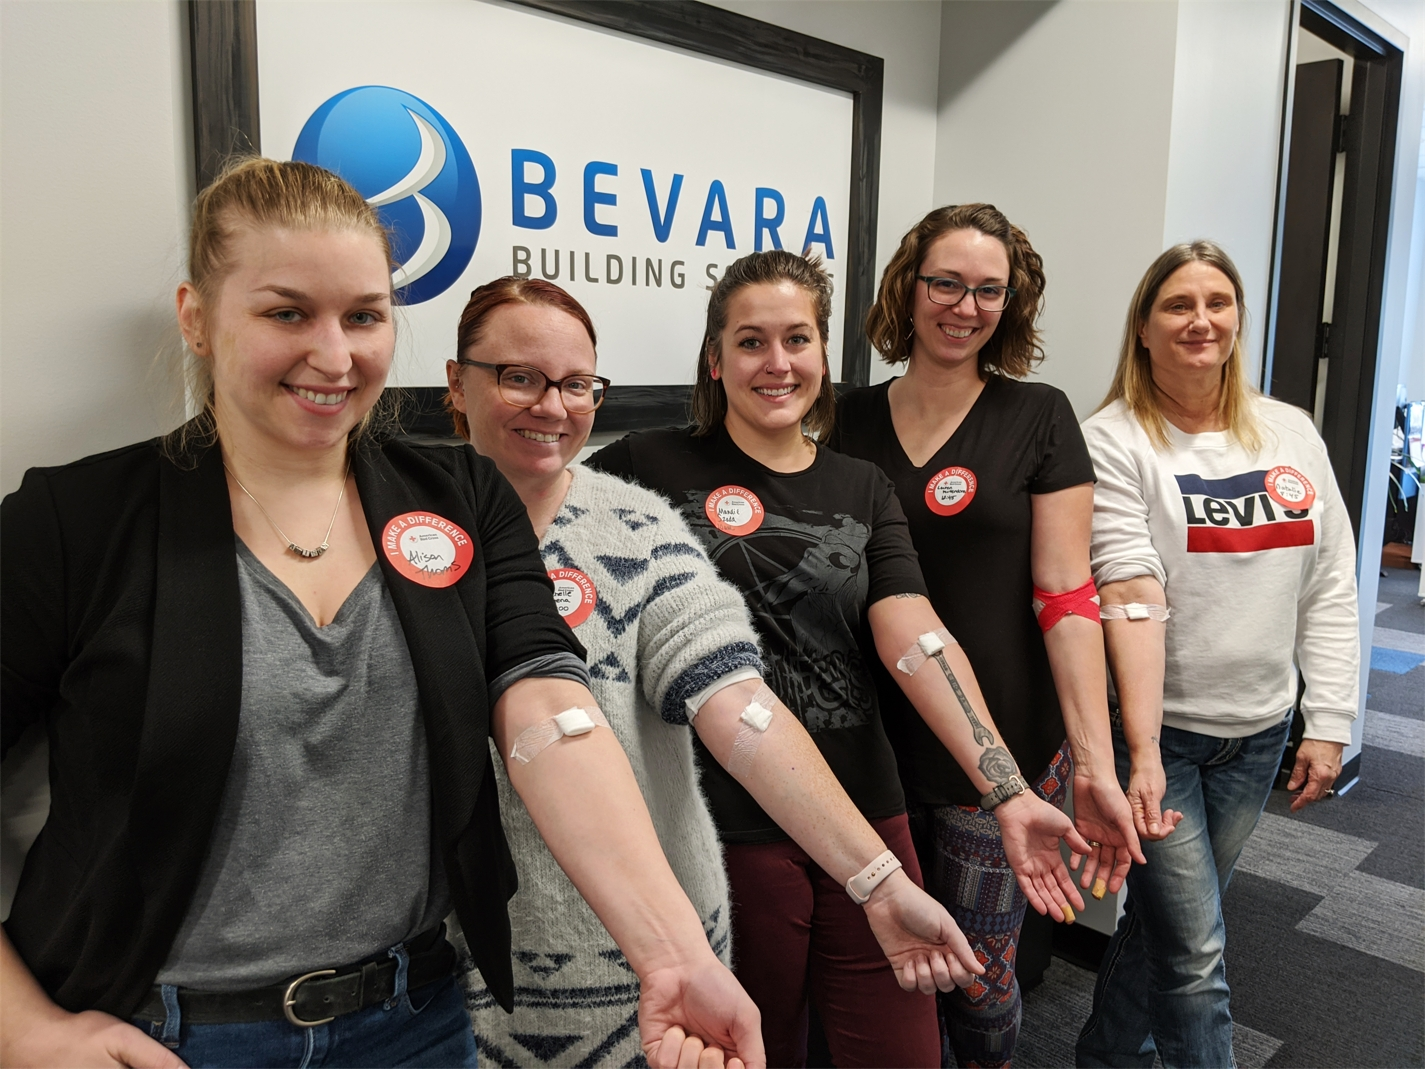 Blood drive participants